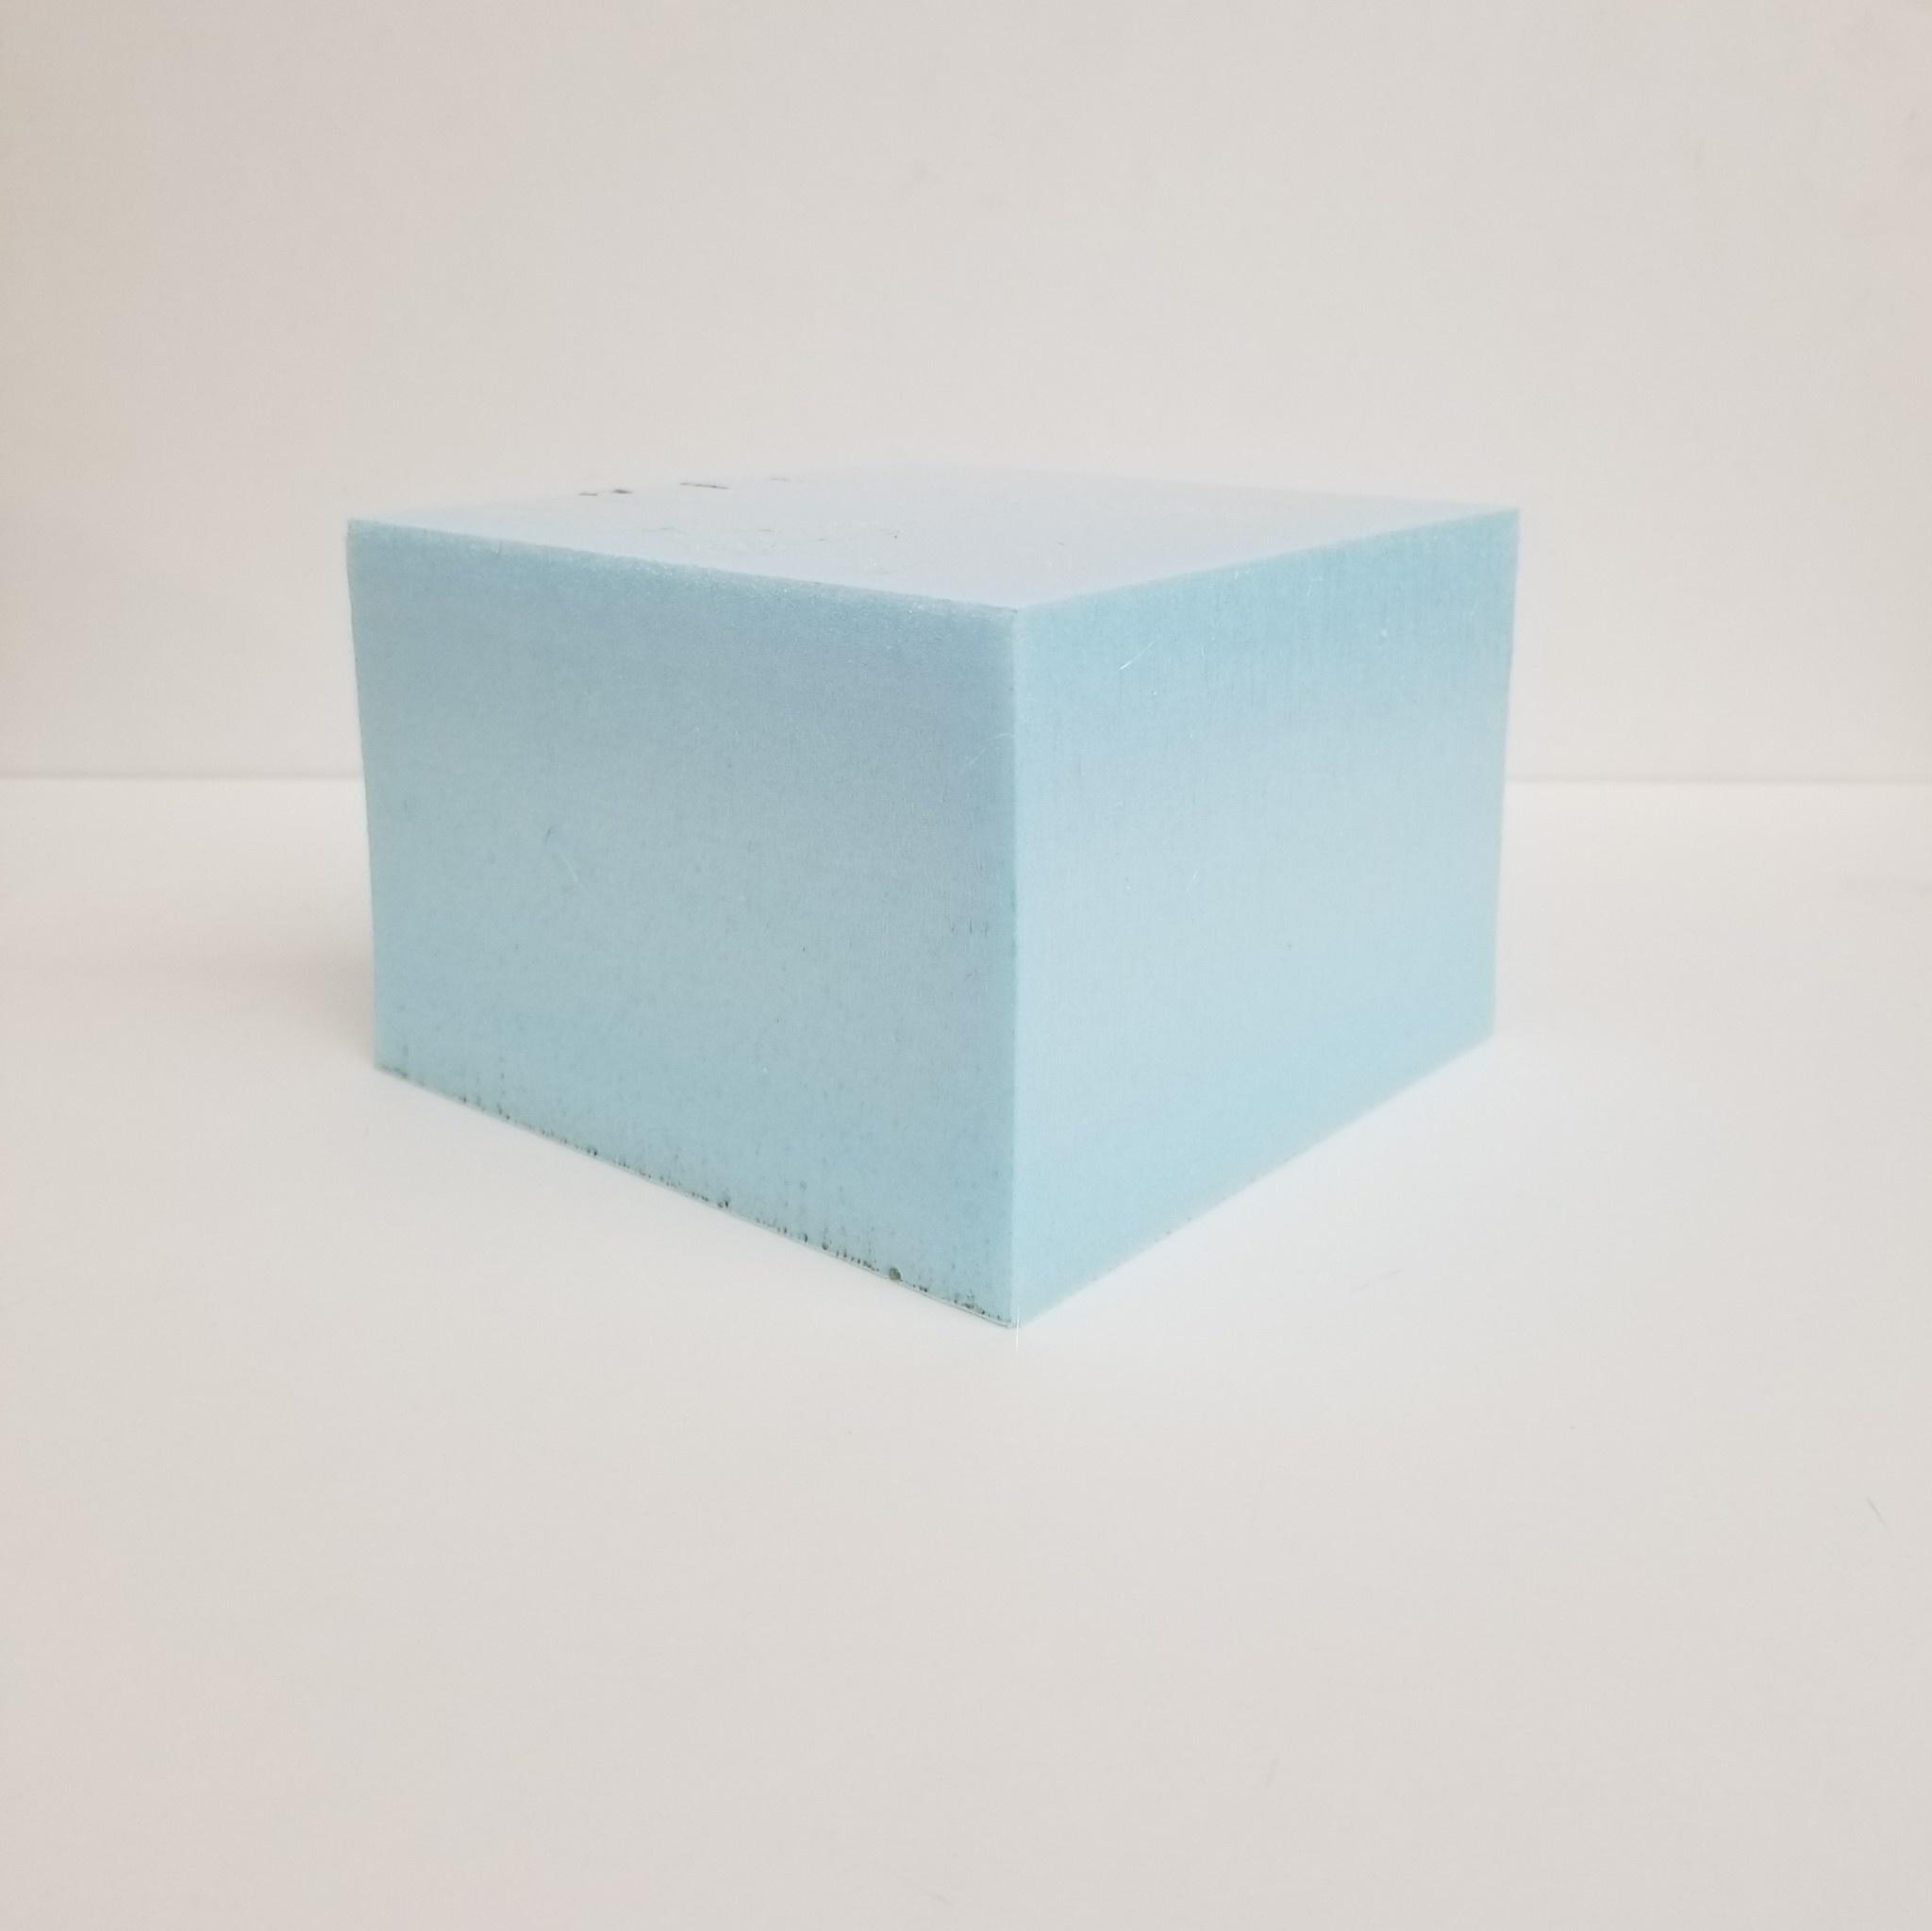 Just Sculpt Blue Board Foam 6''x6''x4''